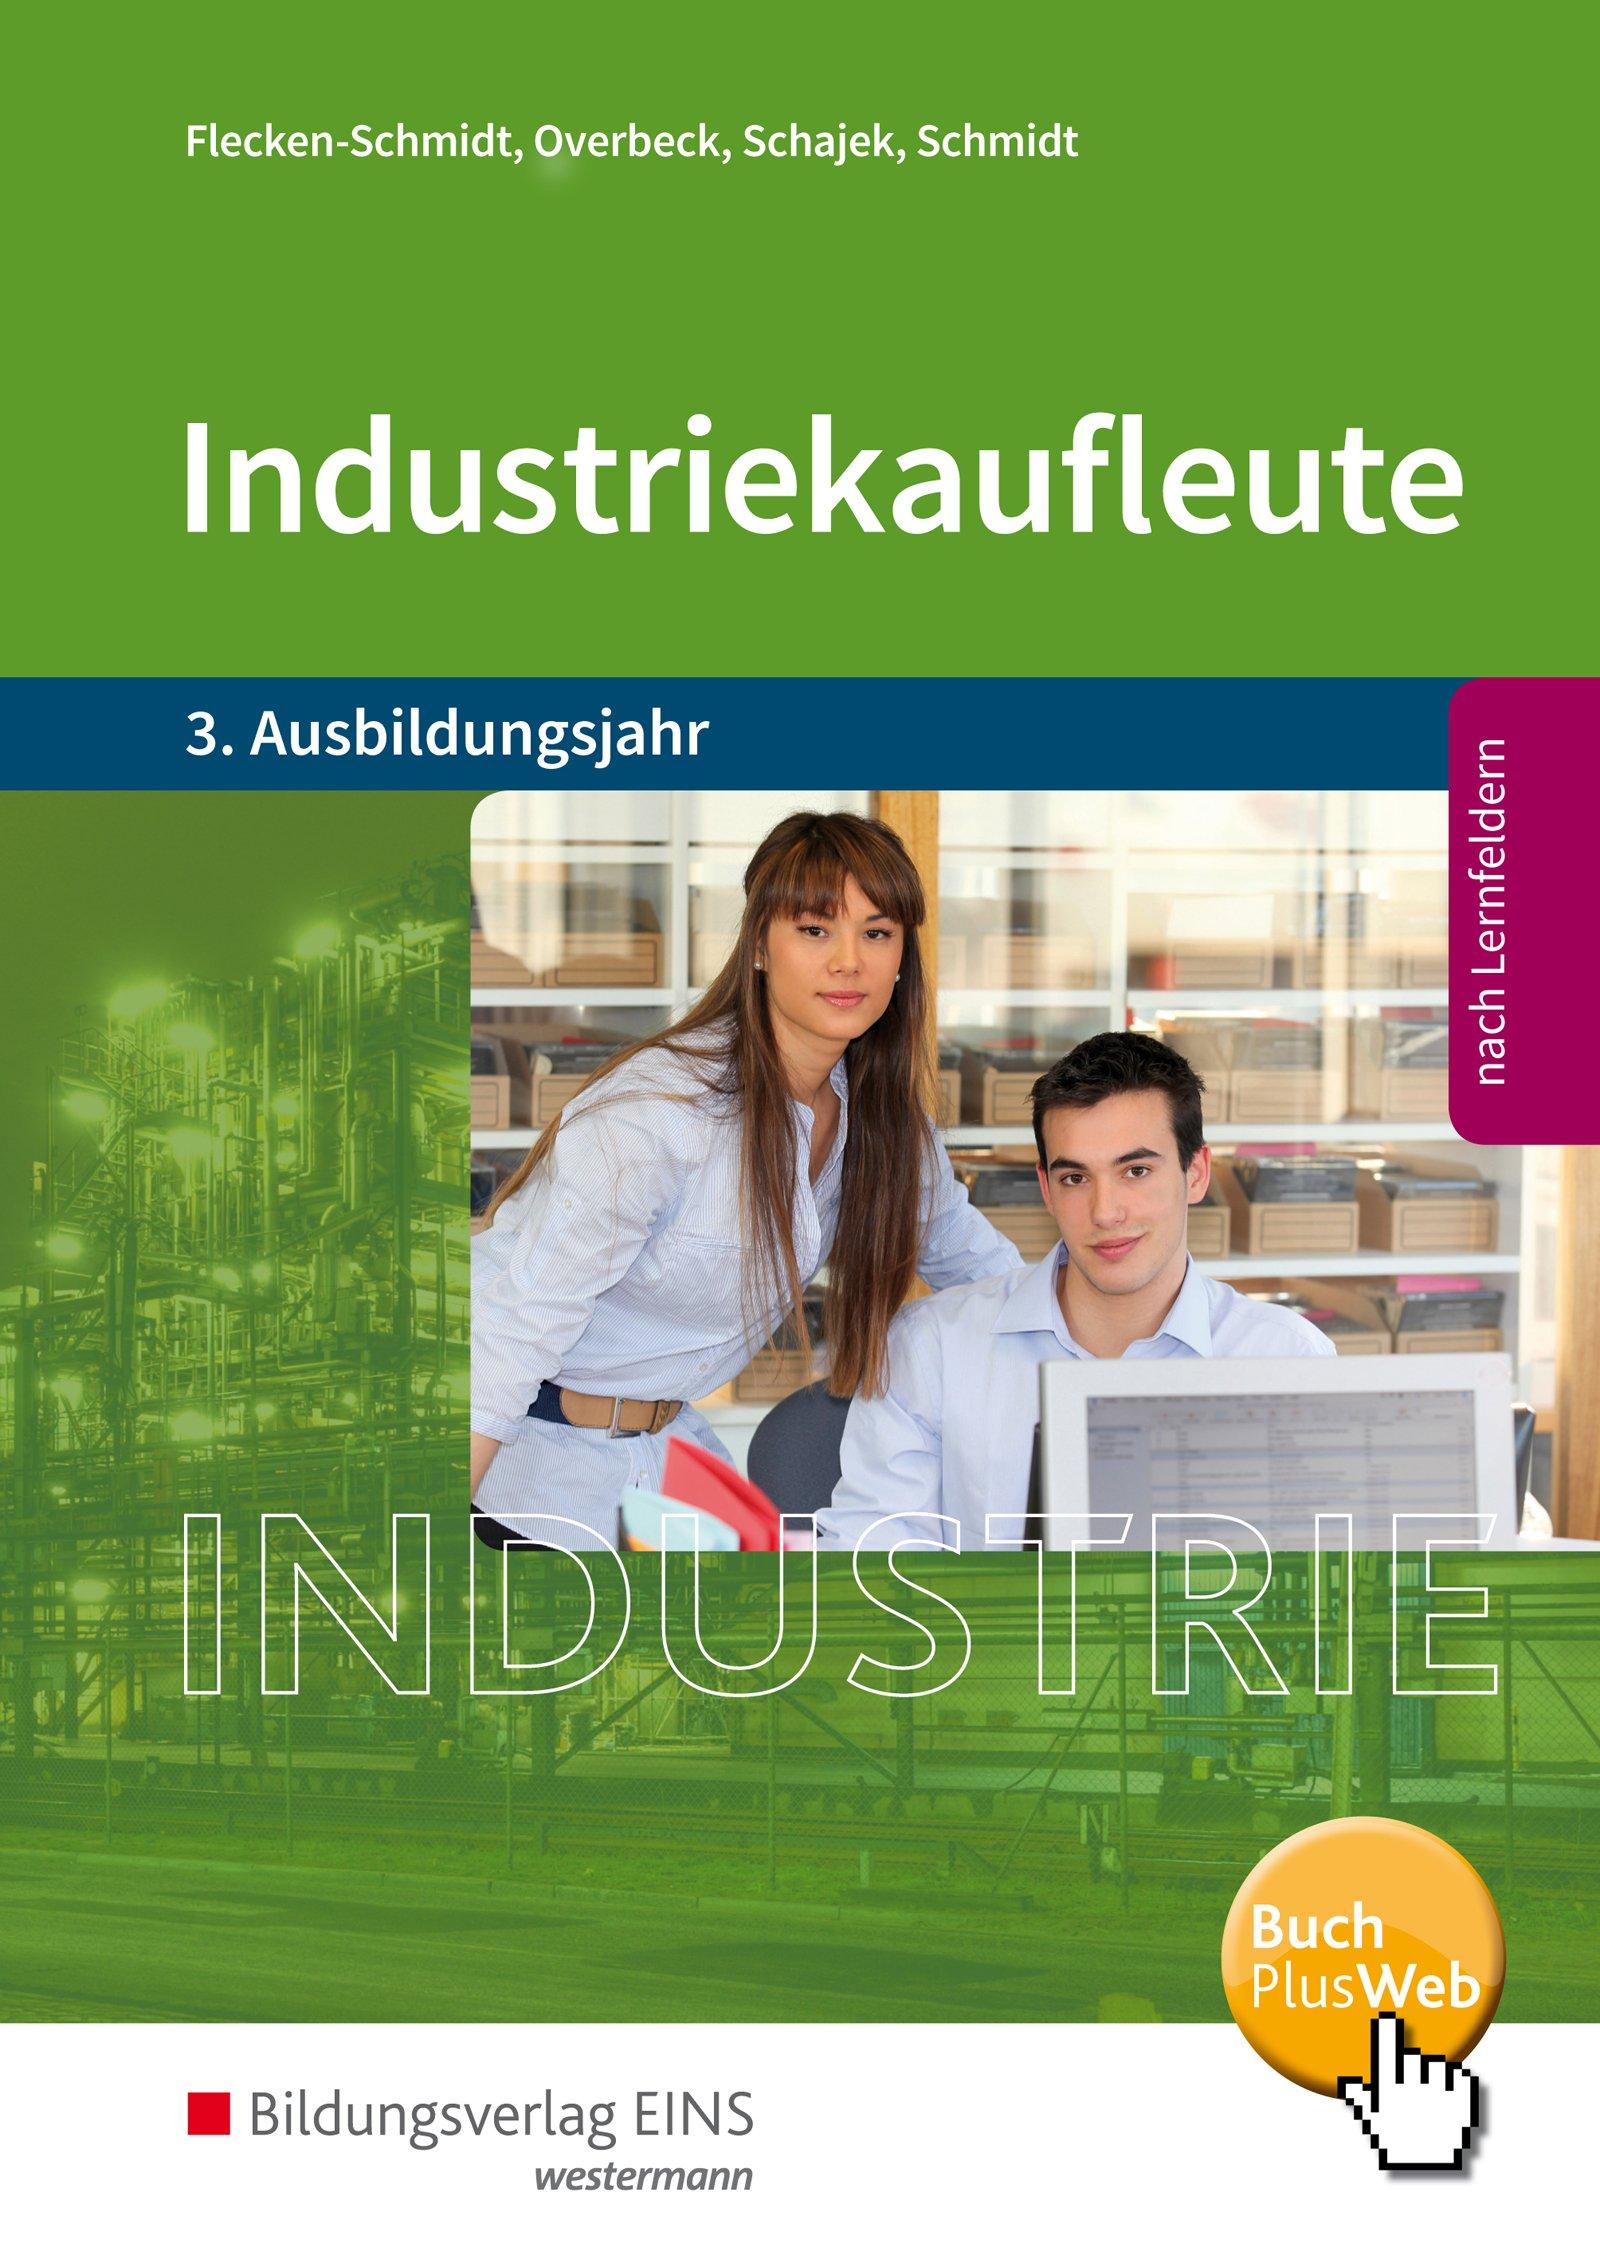 Ausbildungsjahr: Schülerband: Amazon.de: Heike Flecken-Schmidt, Dirk  Overbeck, Markus Schajek, Christian Schmidt: Bücher